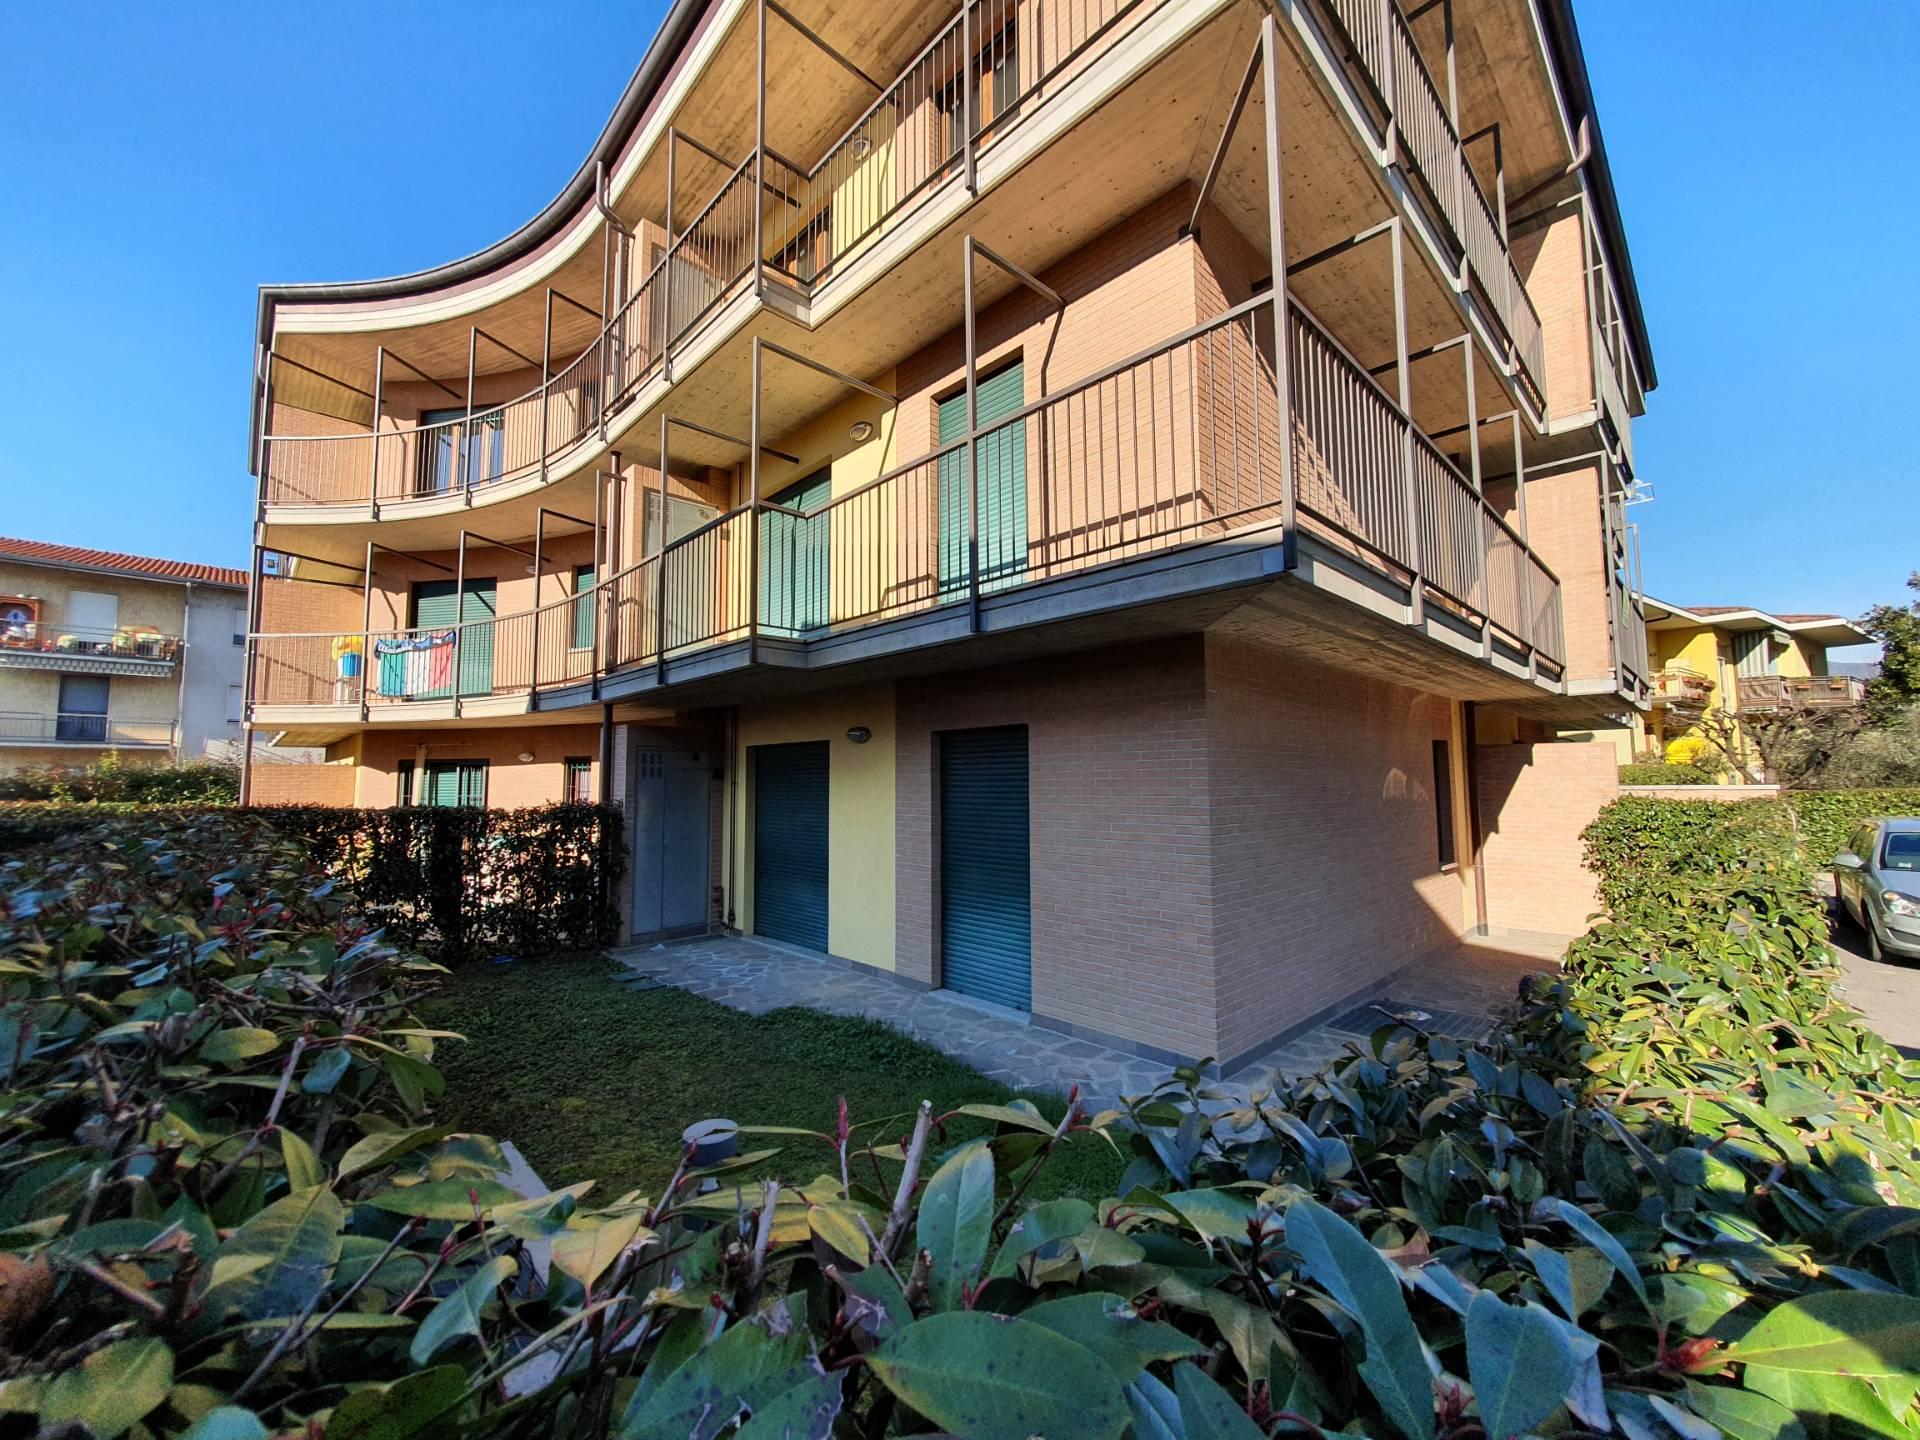 Appartamento in vendita a Scanzorosciate, 3 locali, prezzo € 175.000 | PortaleAgenzieImmobiliari.it